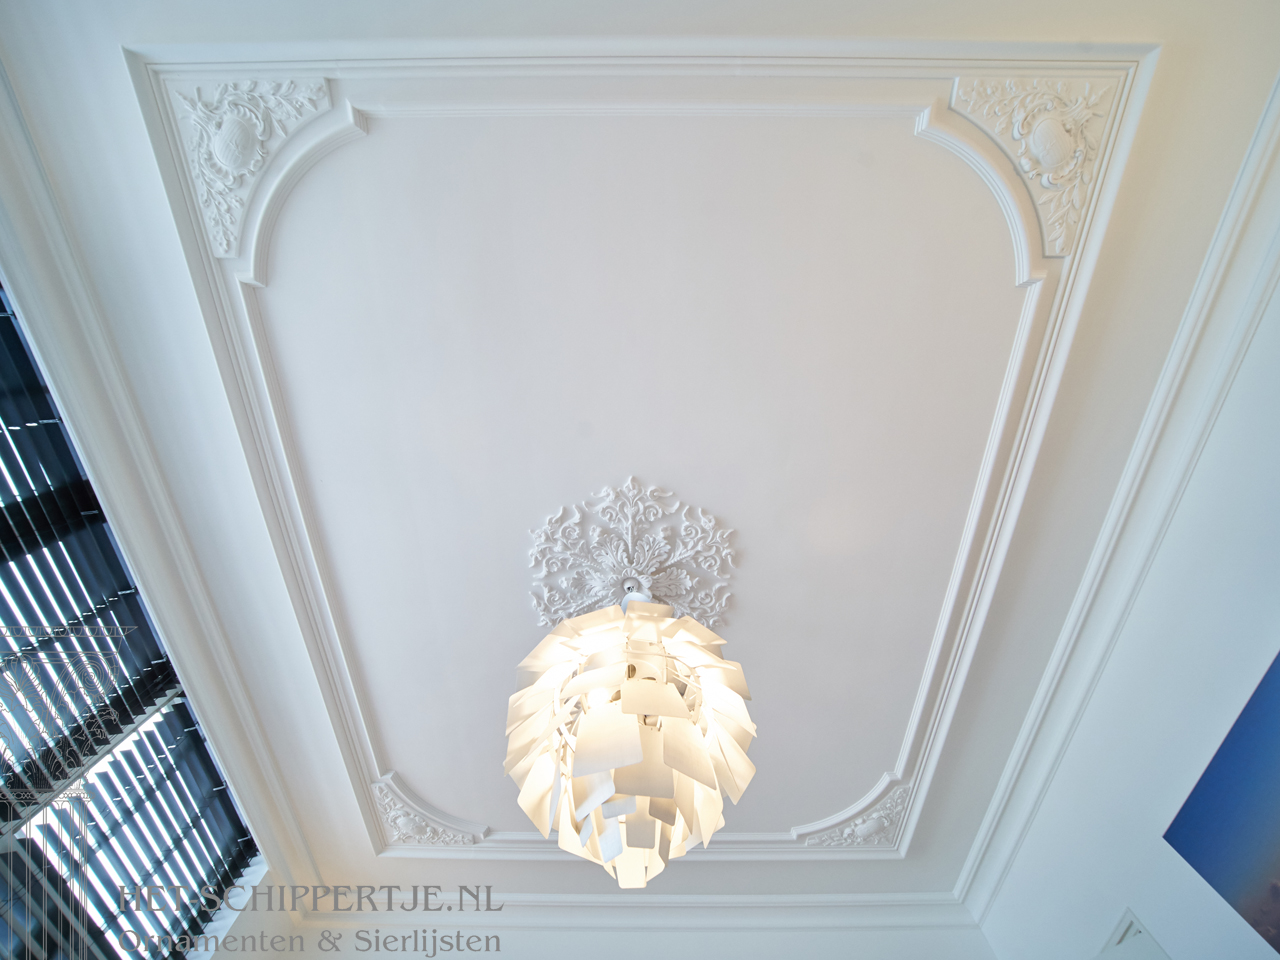 plafondlijsten en ornamenten amersfoort